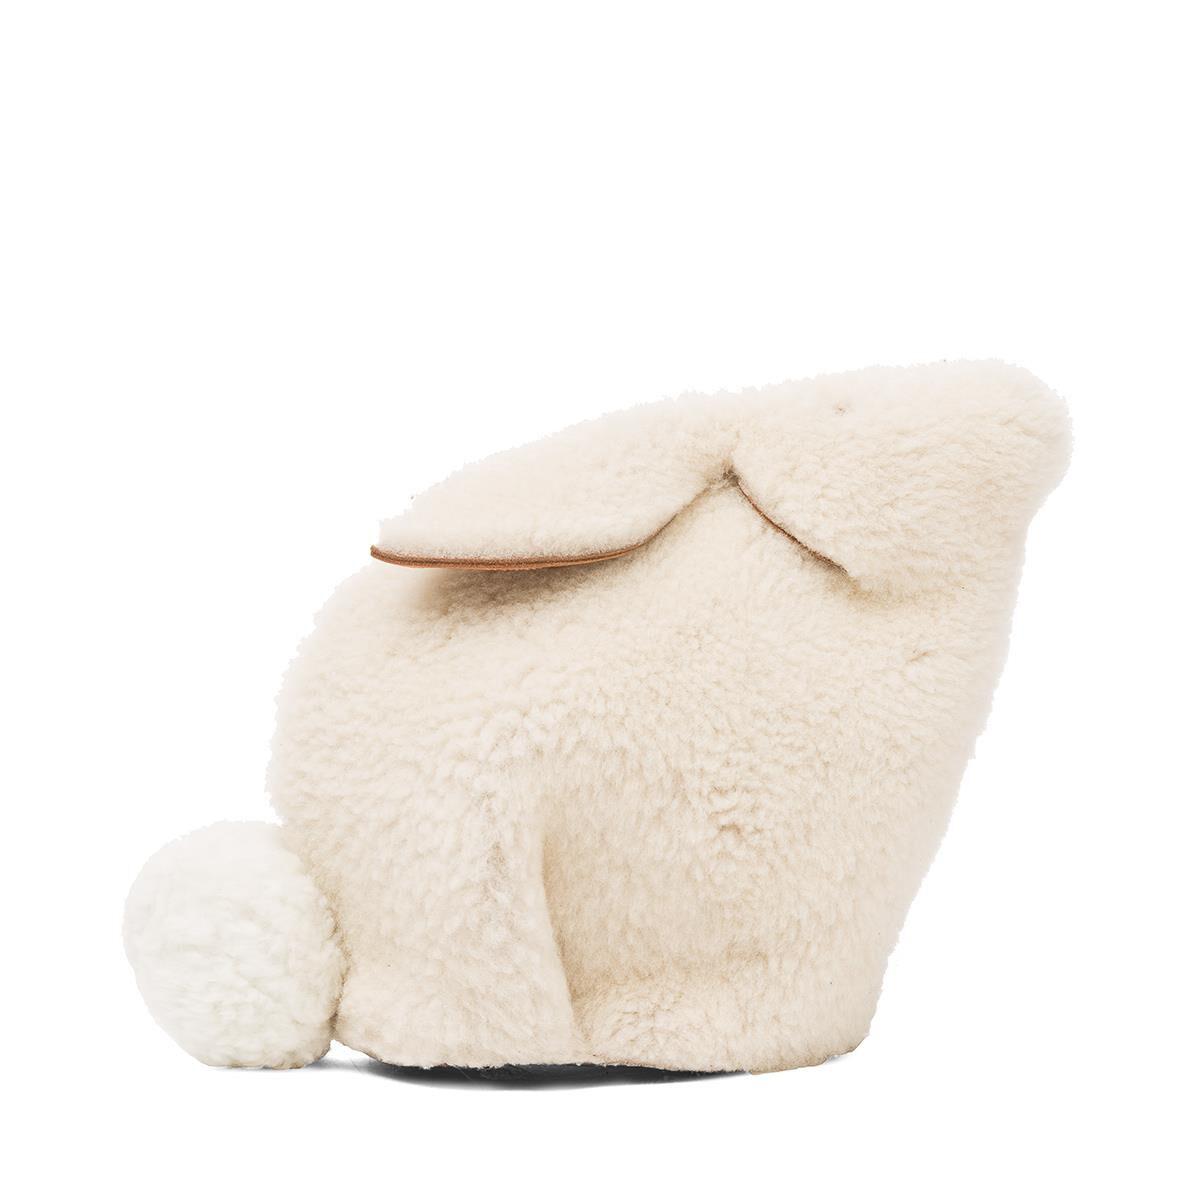 LOEWE Bunny Mini Bag Natural all